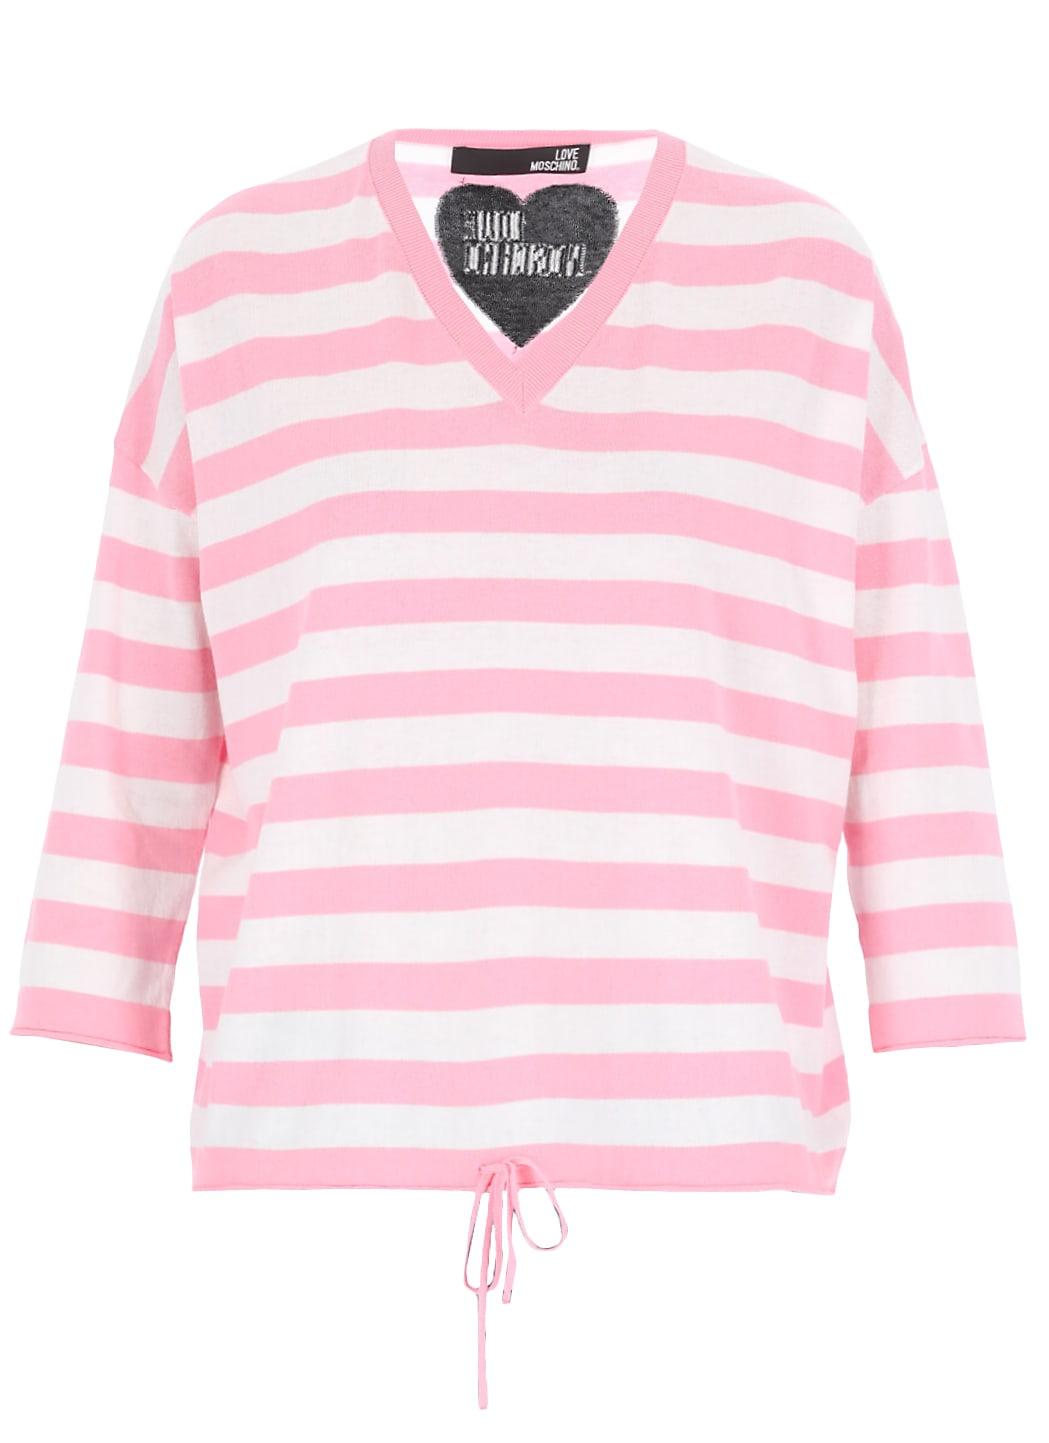 Love Moschino Striped Sweater